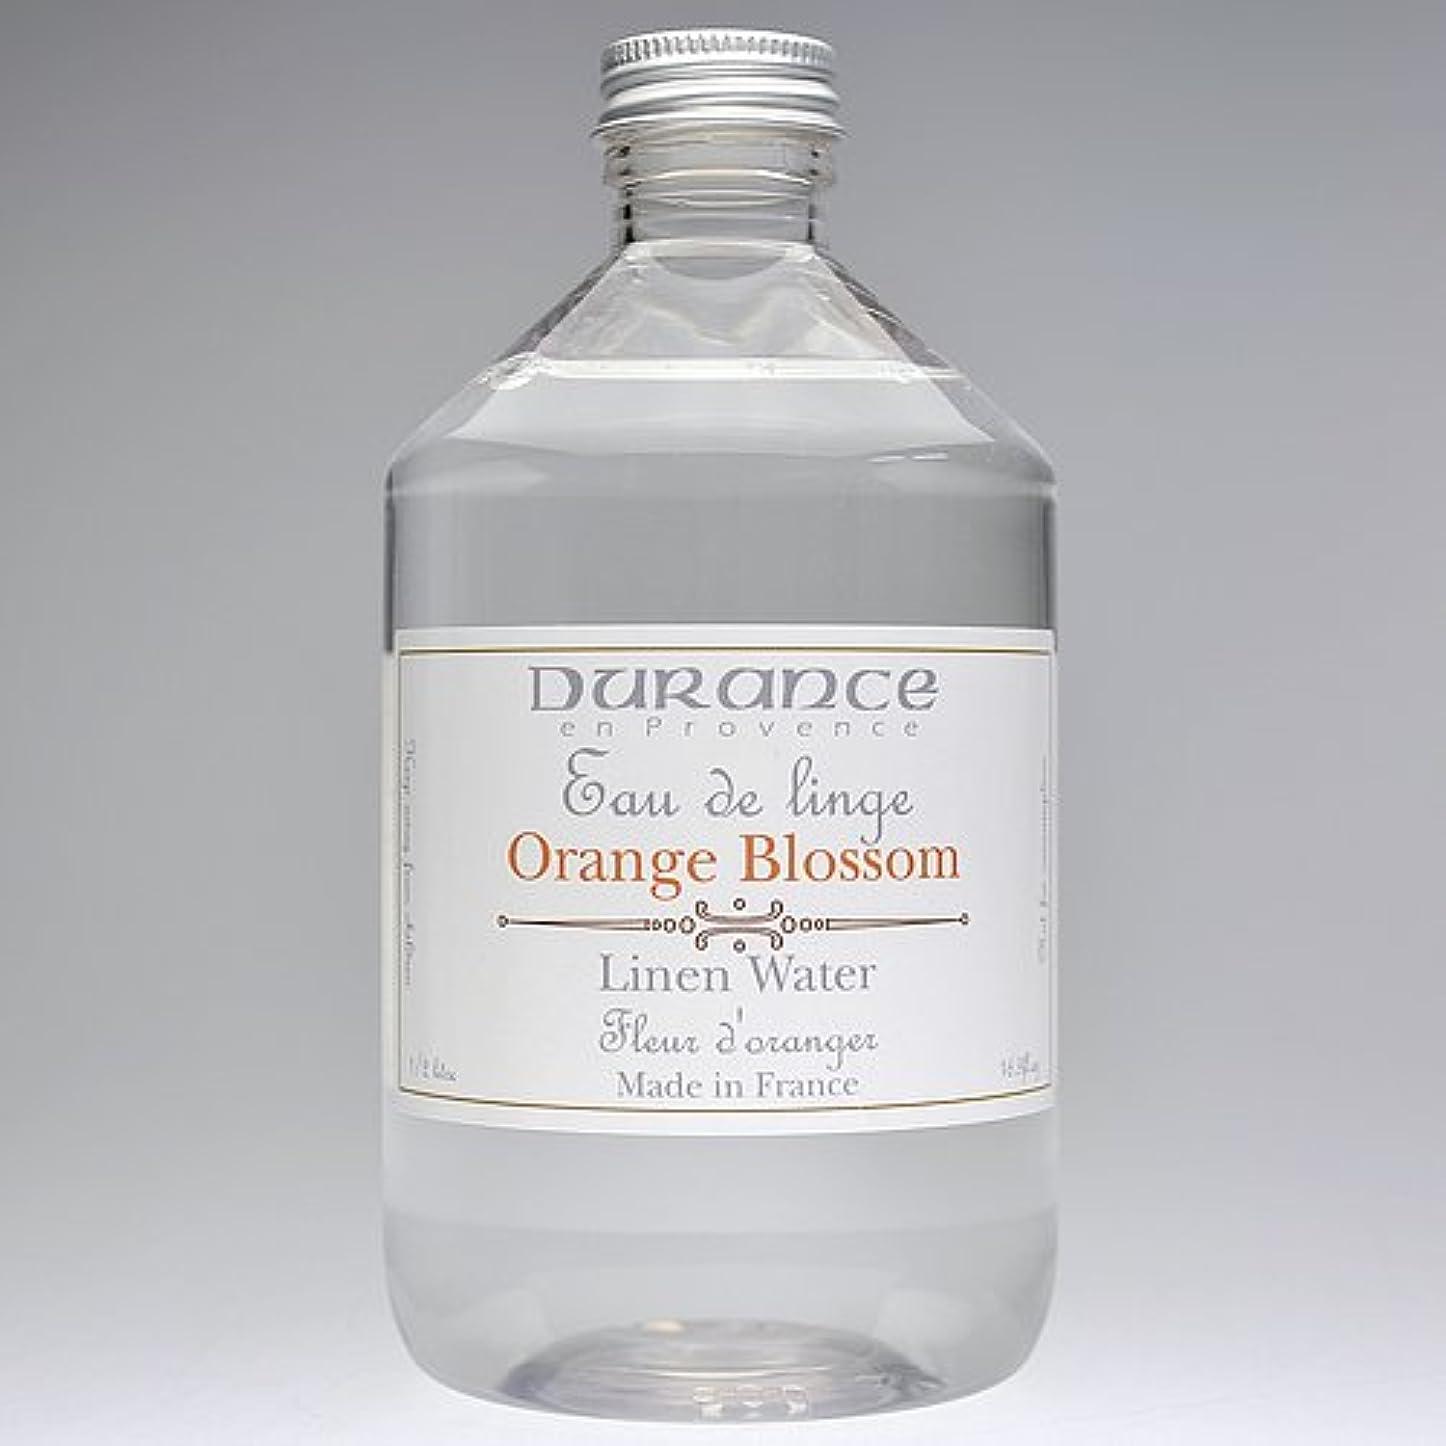 伝記常習者オリエンタルDURANCE(デュランス) リネンケアシリーズ リネンウォーター 500ml 「フラワーオレンジ」 4994228008619